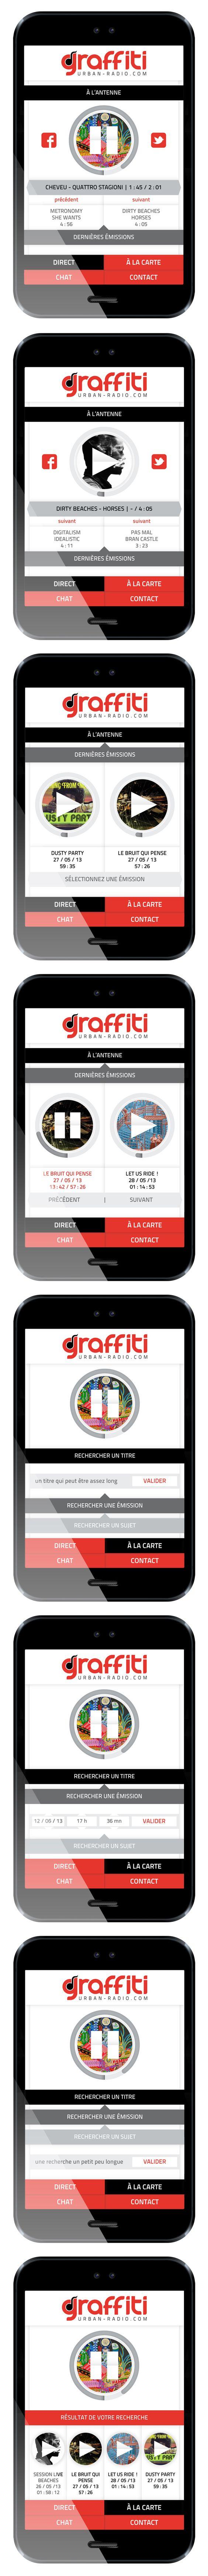 """""""Graffiti"""" (application design) by Noctulescence ©2013"""